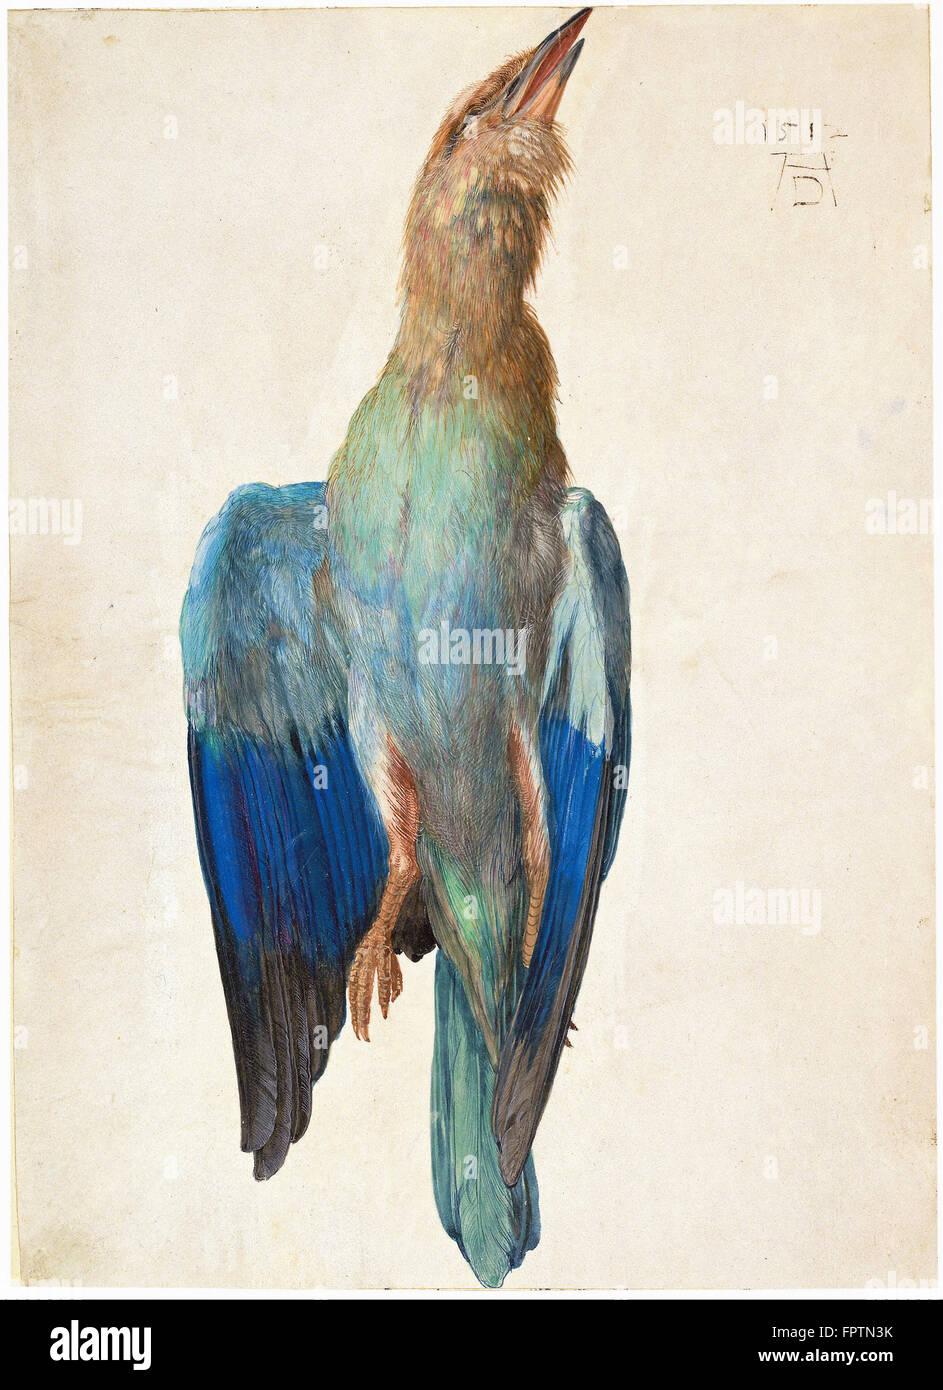 Albrecht Durer - Dead Blue Roller -  1500 (or 1512) - Stock Image